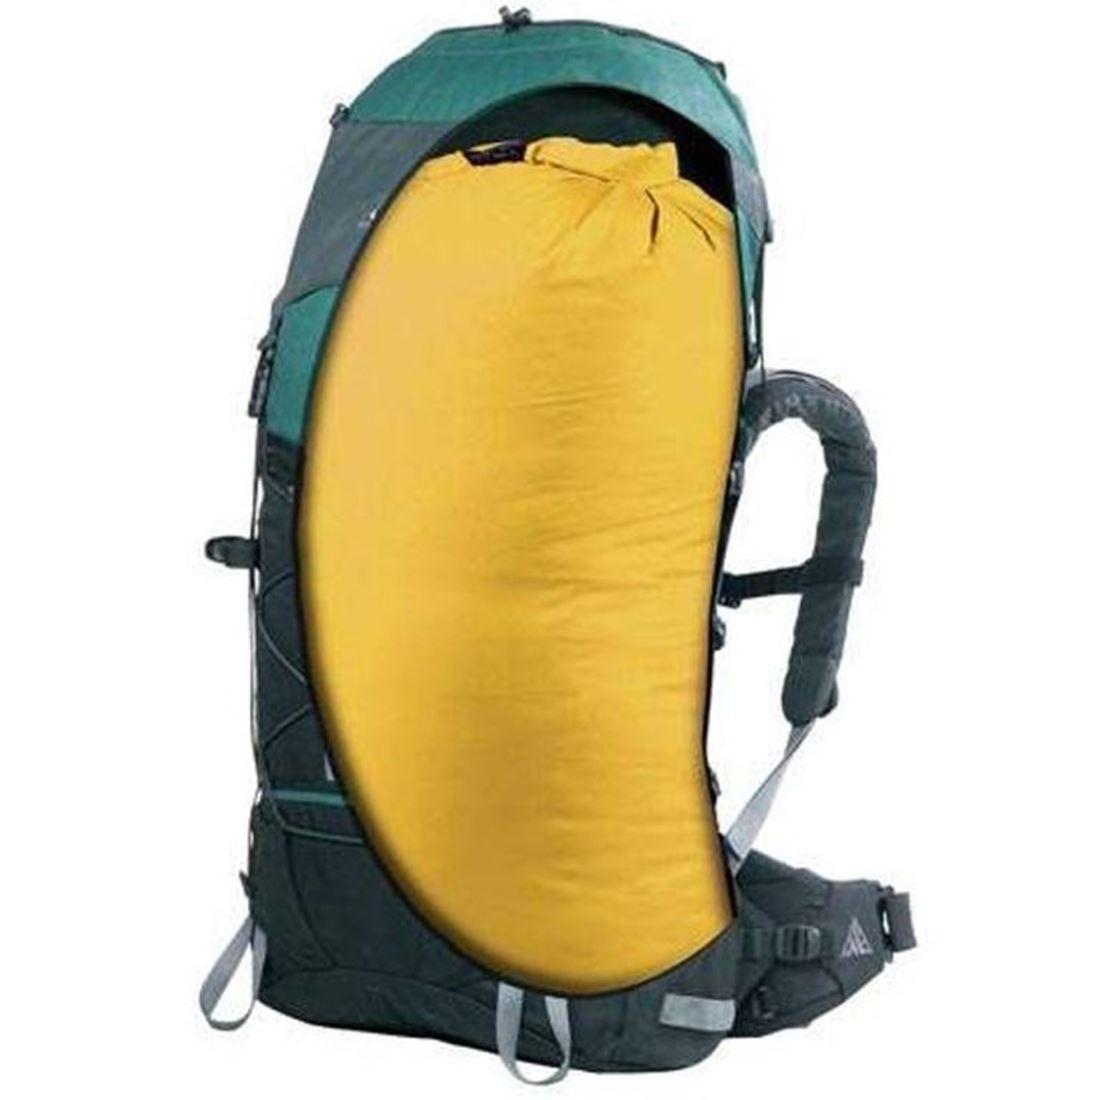 Sea To Summit Waterproof Pack Liner